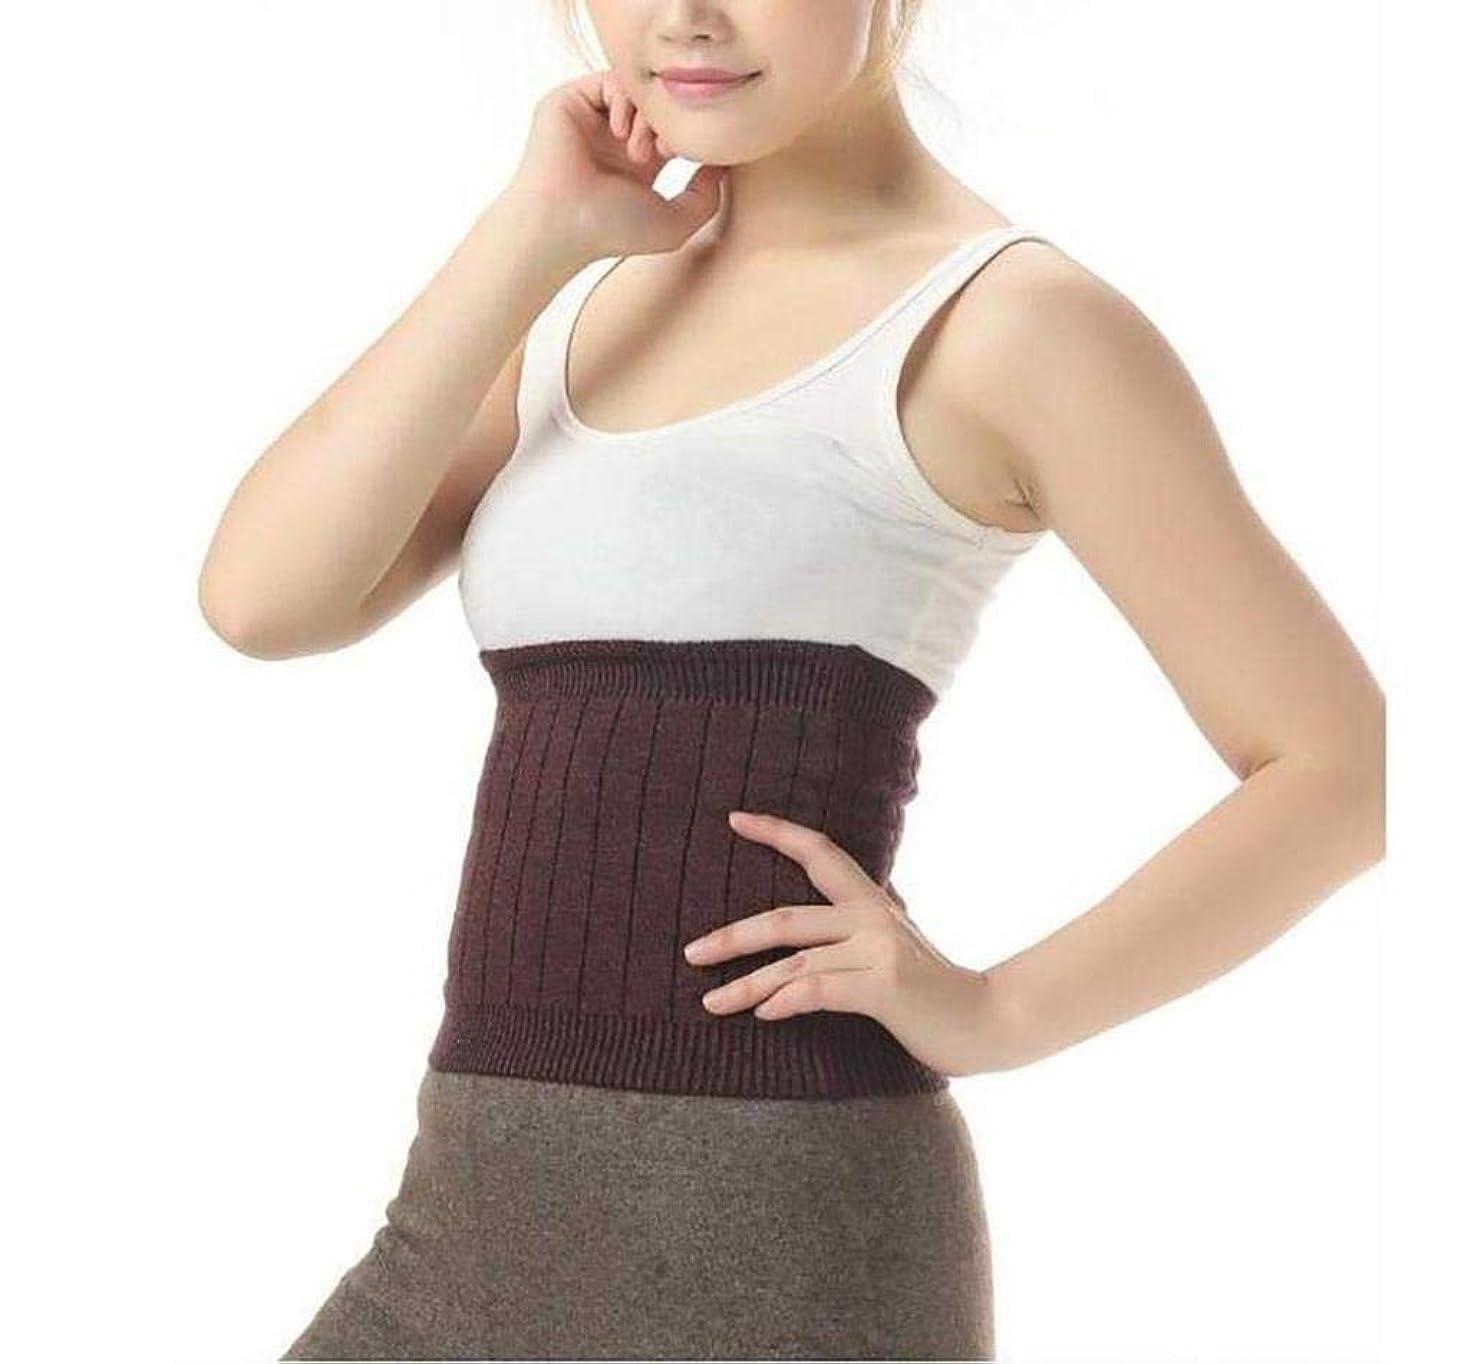 広くアライメント喜劇冬/フィットネスのサイズに適した暖かいベルト、人間工学に基づいて設計女性のウエストベルトウールウォーム腎臓をウエストベルト、:22センチメートル* 26センチメートル